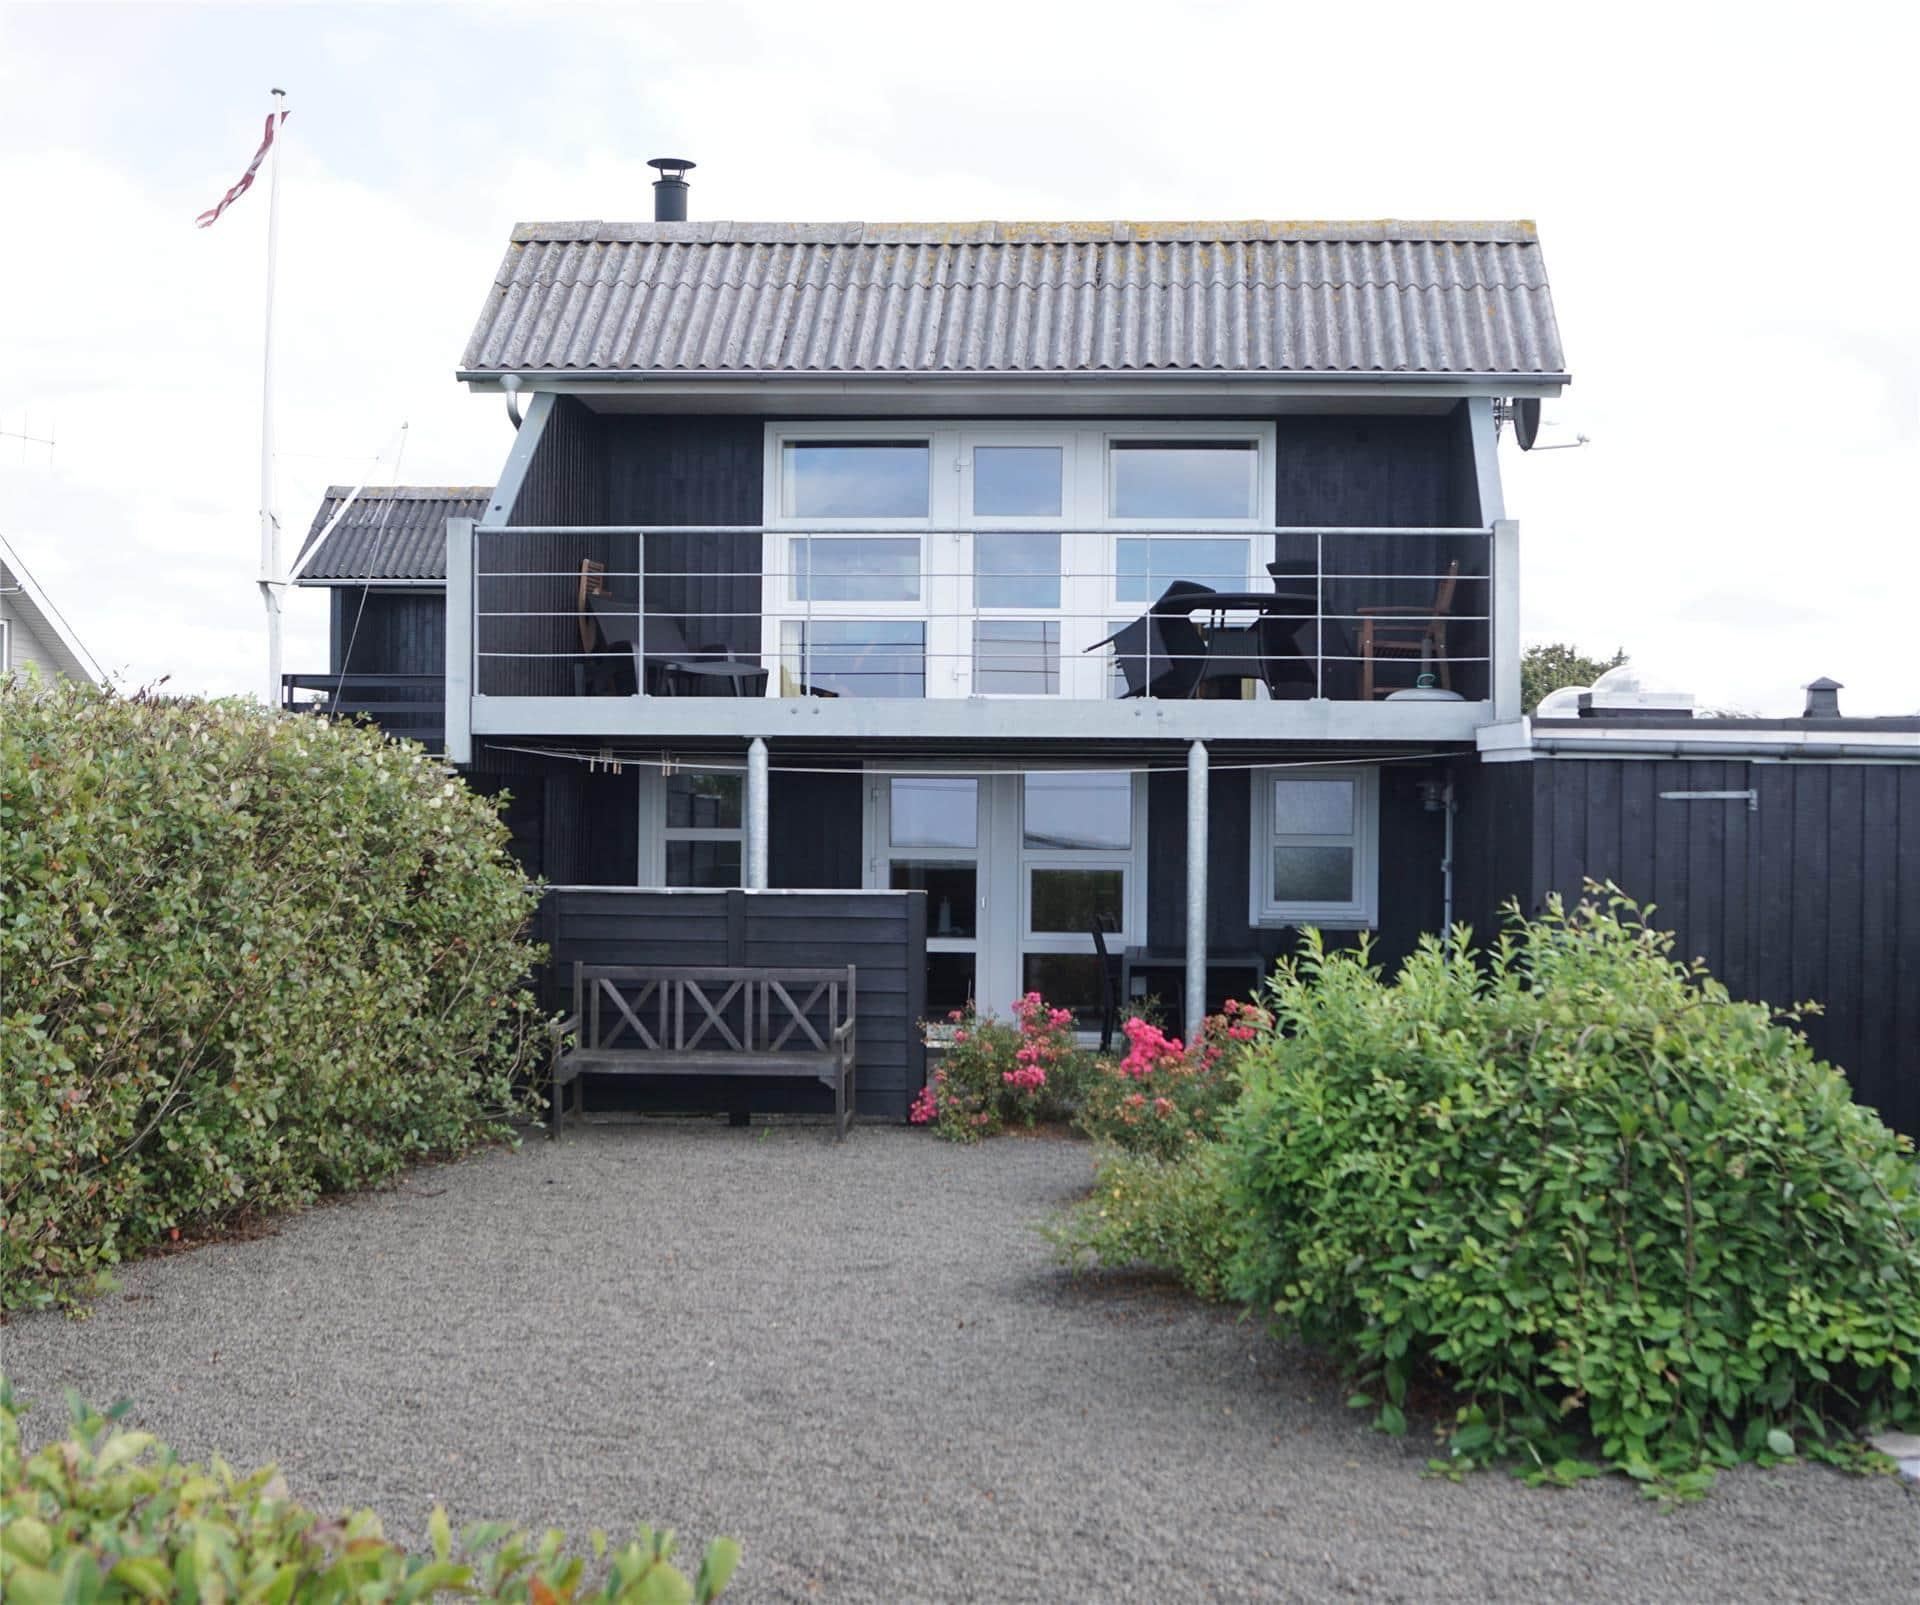 Billede 1-22 Sommerhus C11091, Vester Fælled 18, DK - 6893 Hemmet